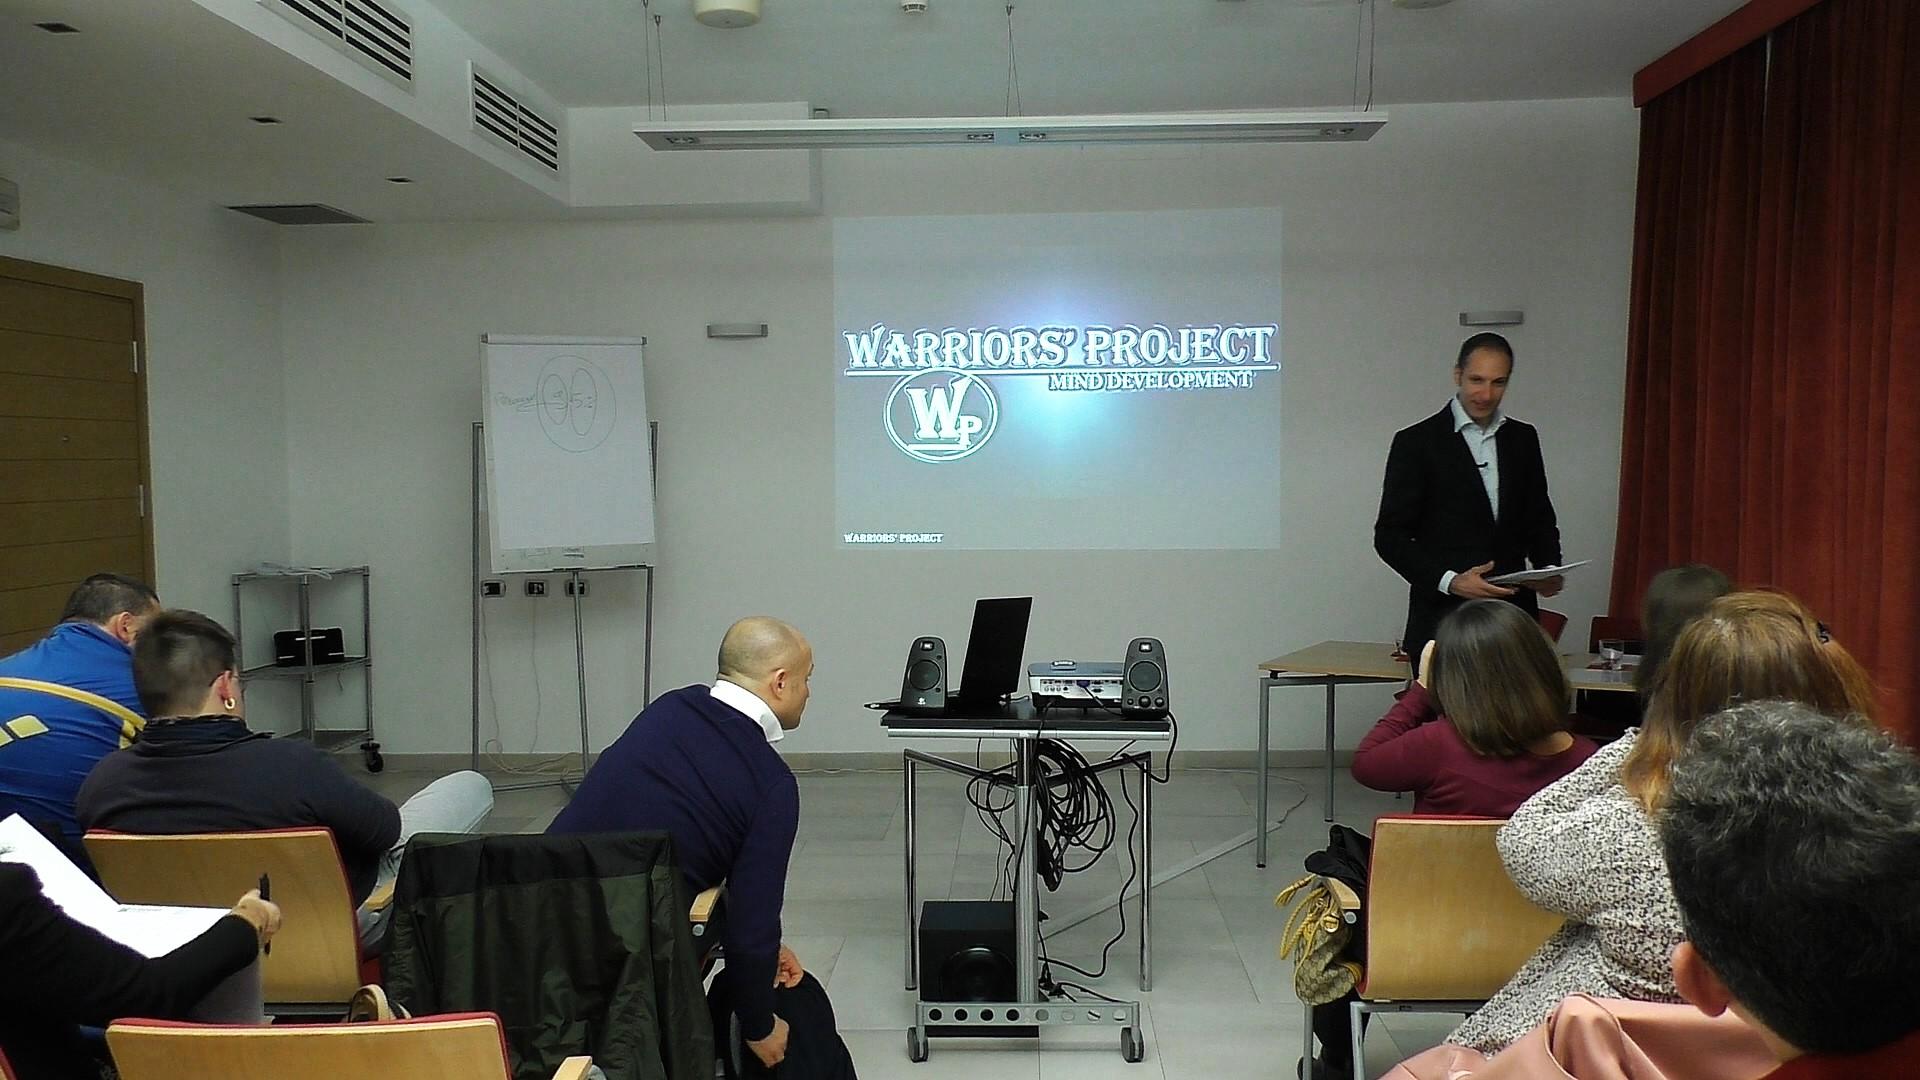 Corso di formazione reggio emilia novembre empatia comunicazione warriors project viincenzo cento parma bologna intelligenza emotiva